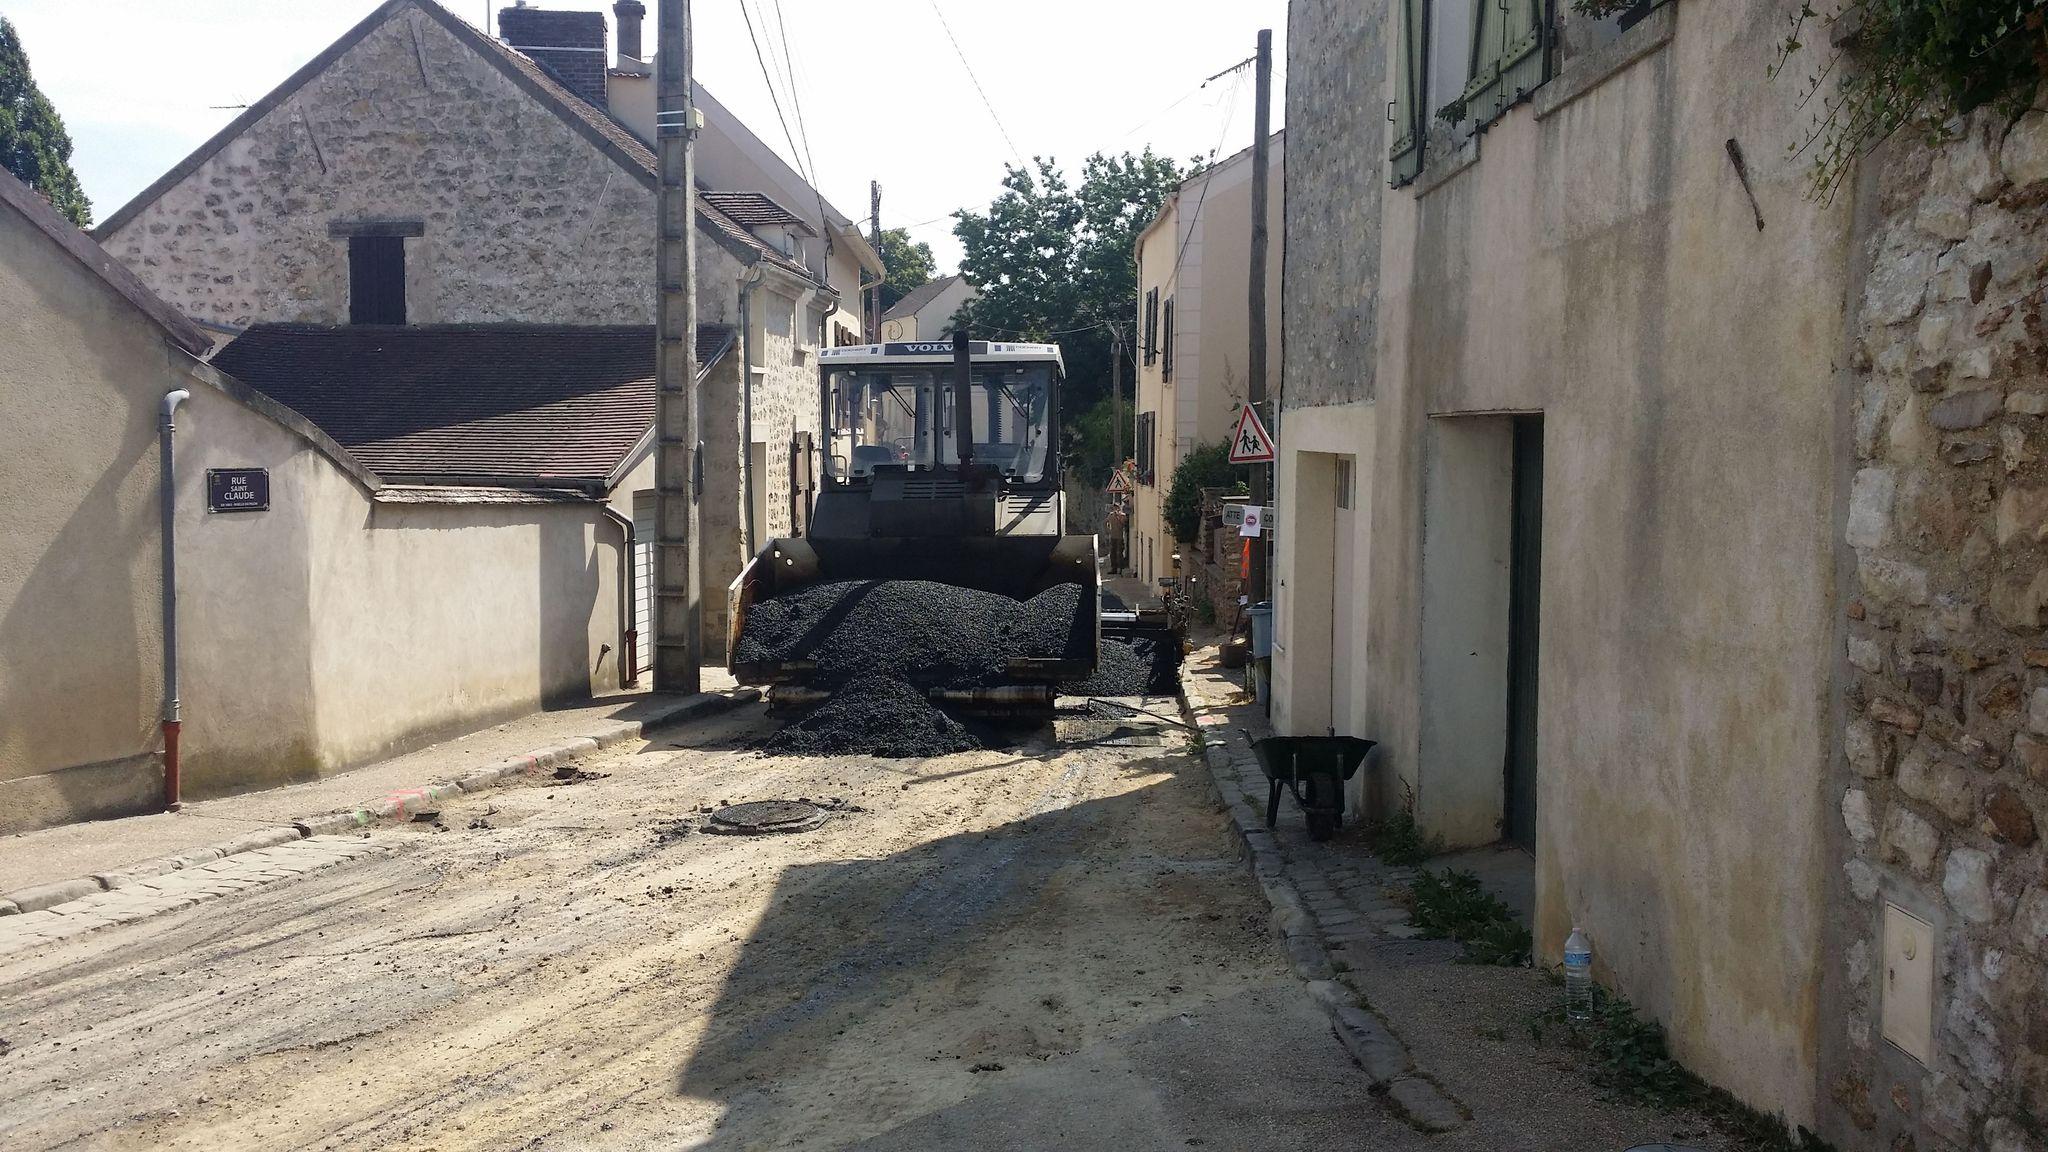 chantier_rue_st_claude_11